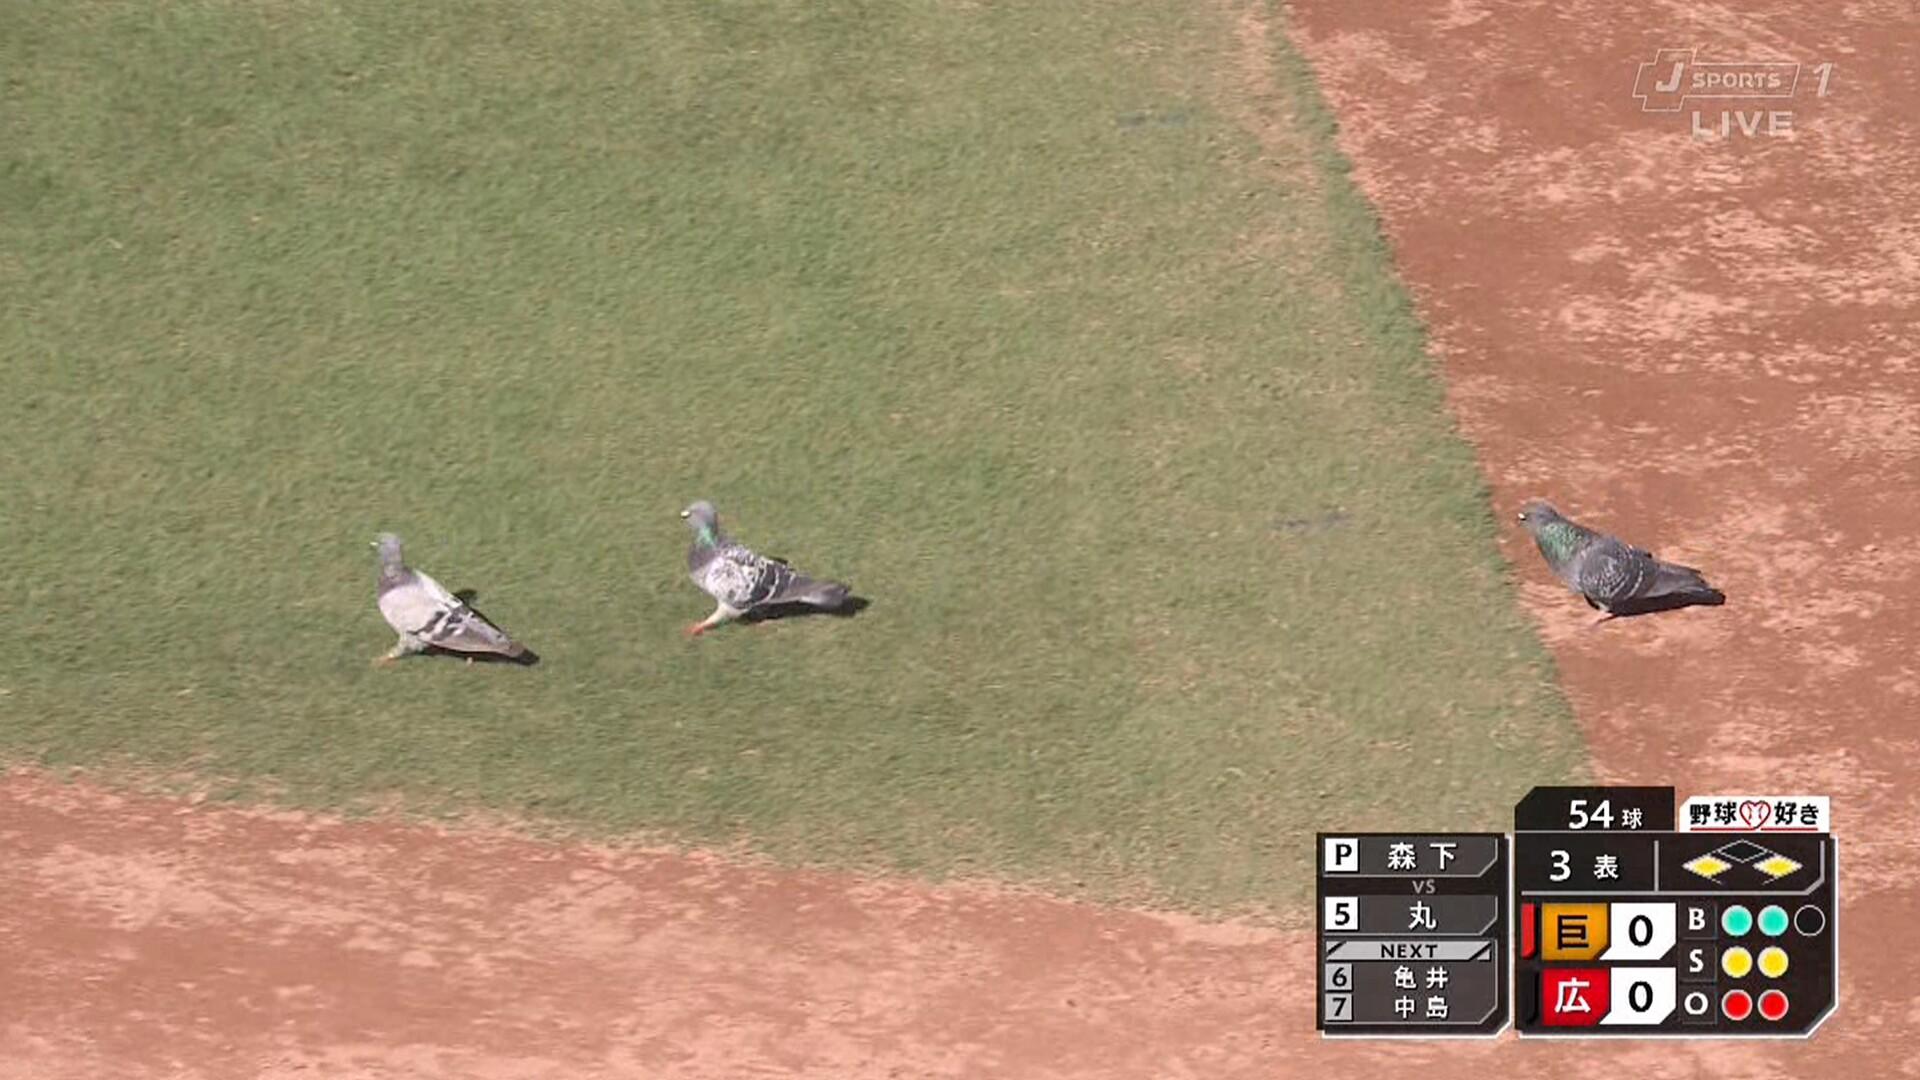 マツダスタジアム、鳩が飛び回り試合が中断するハプニング